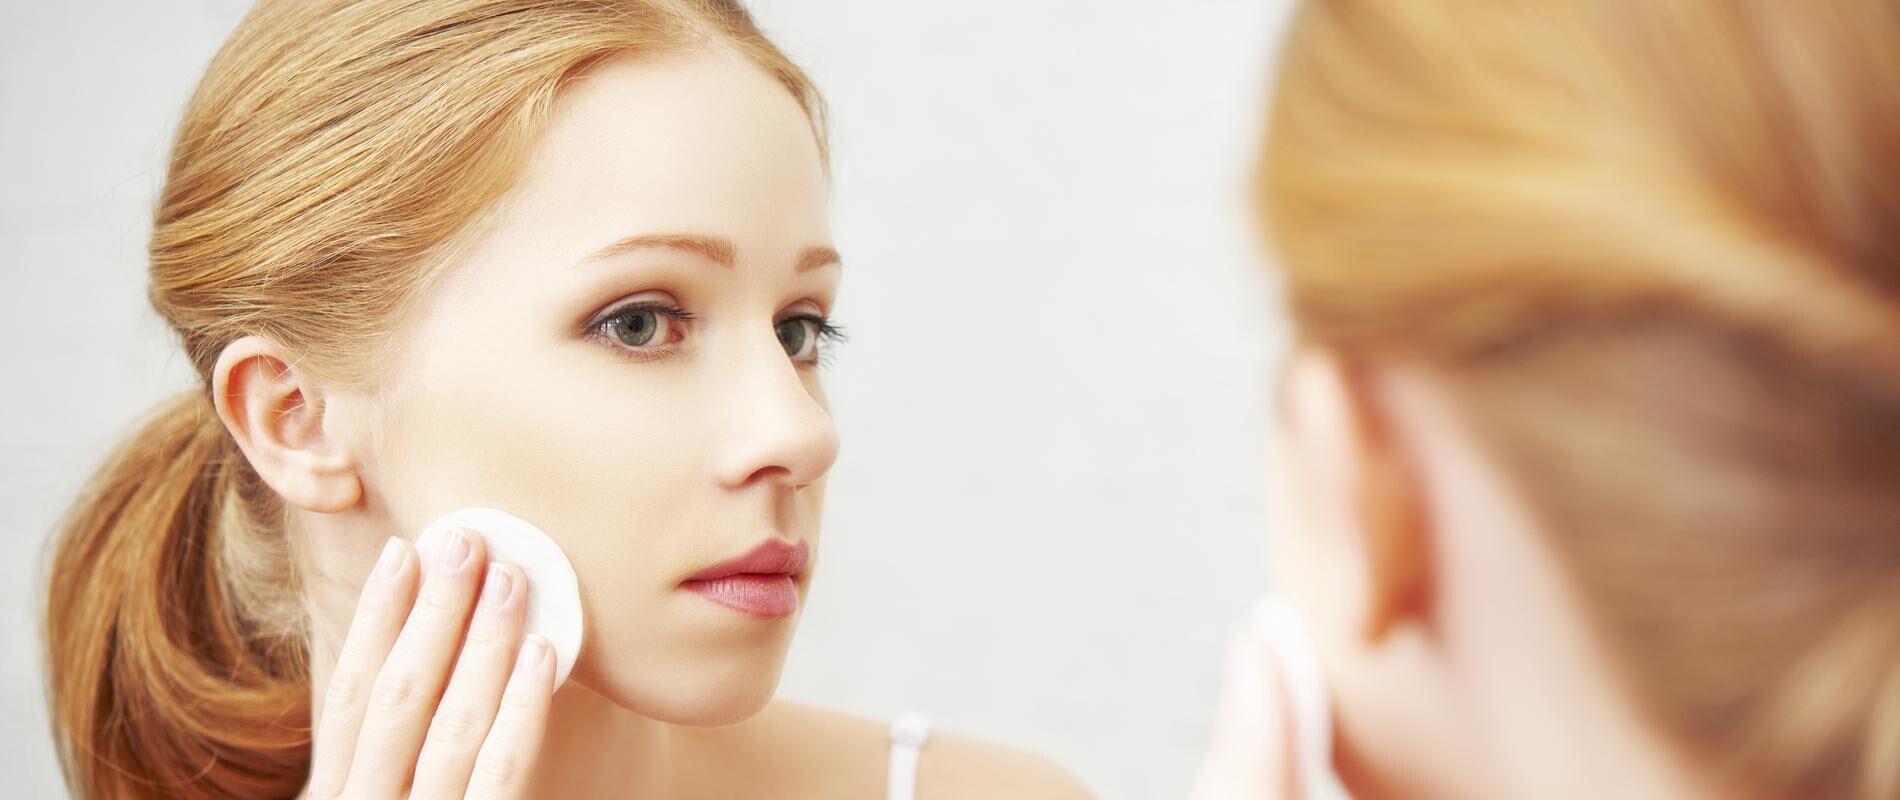 卸妆需细心 外媒盘点最易犯下的7个卸妆错误